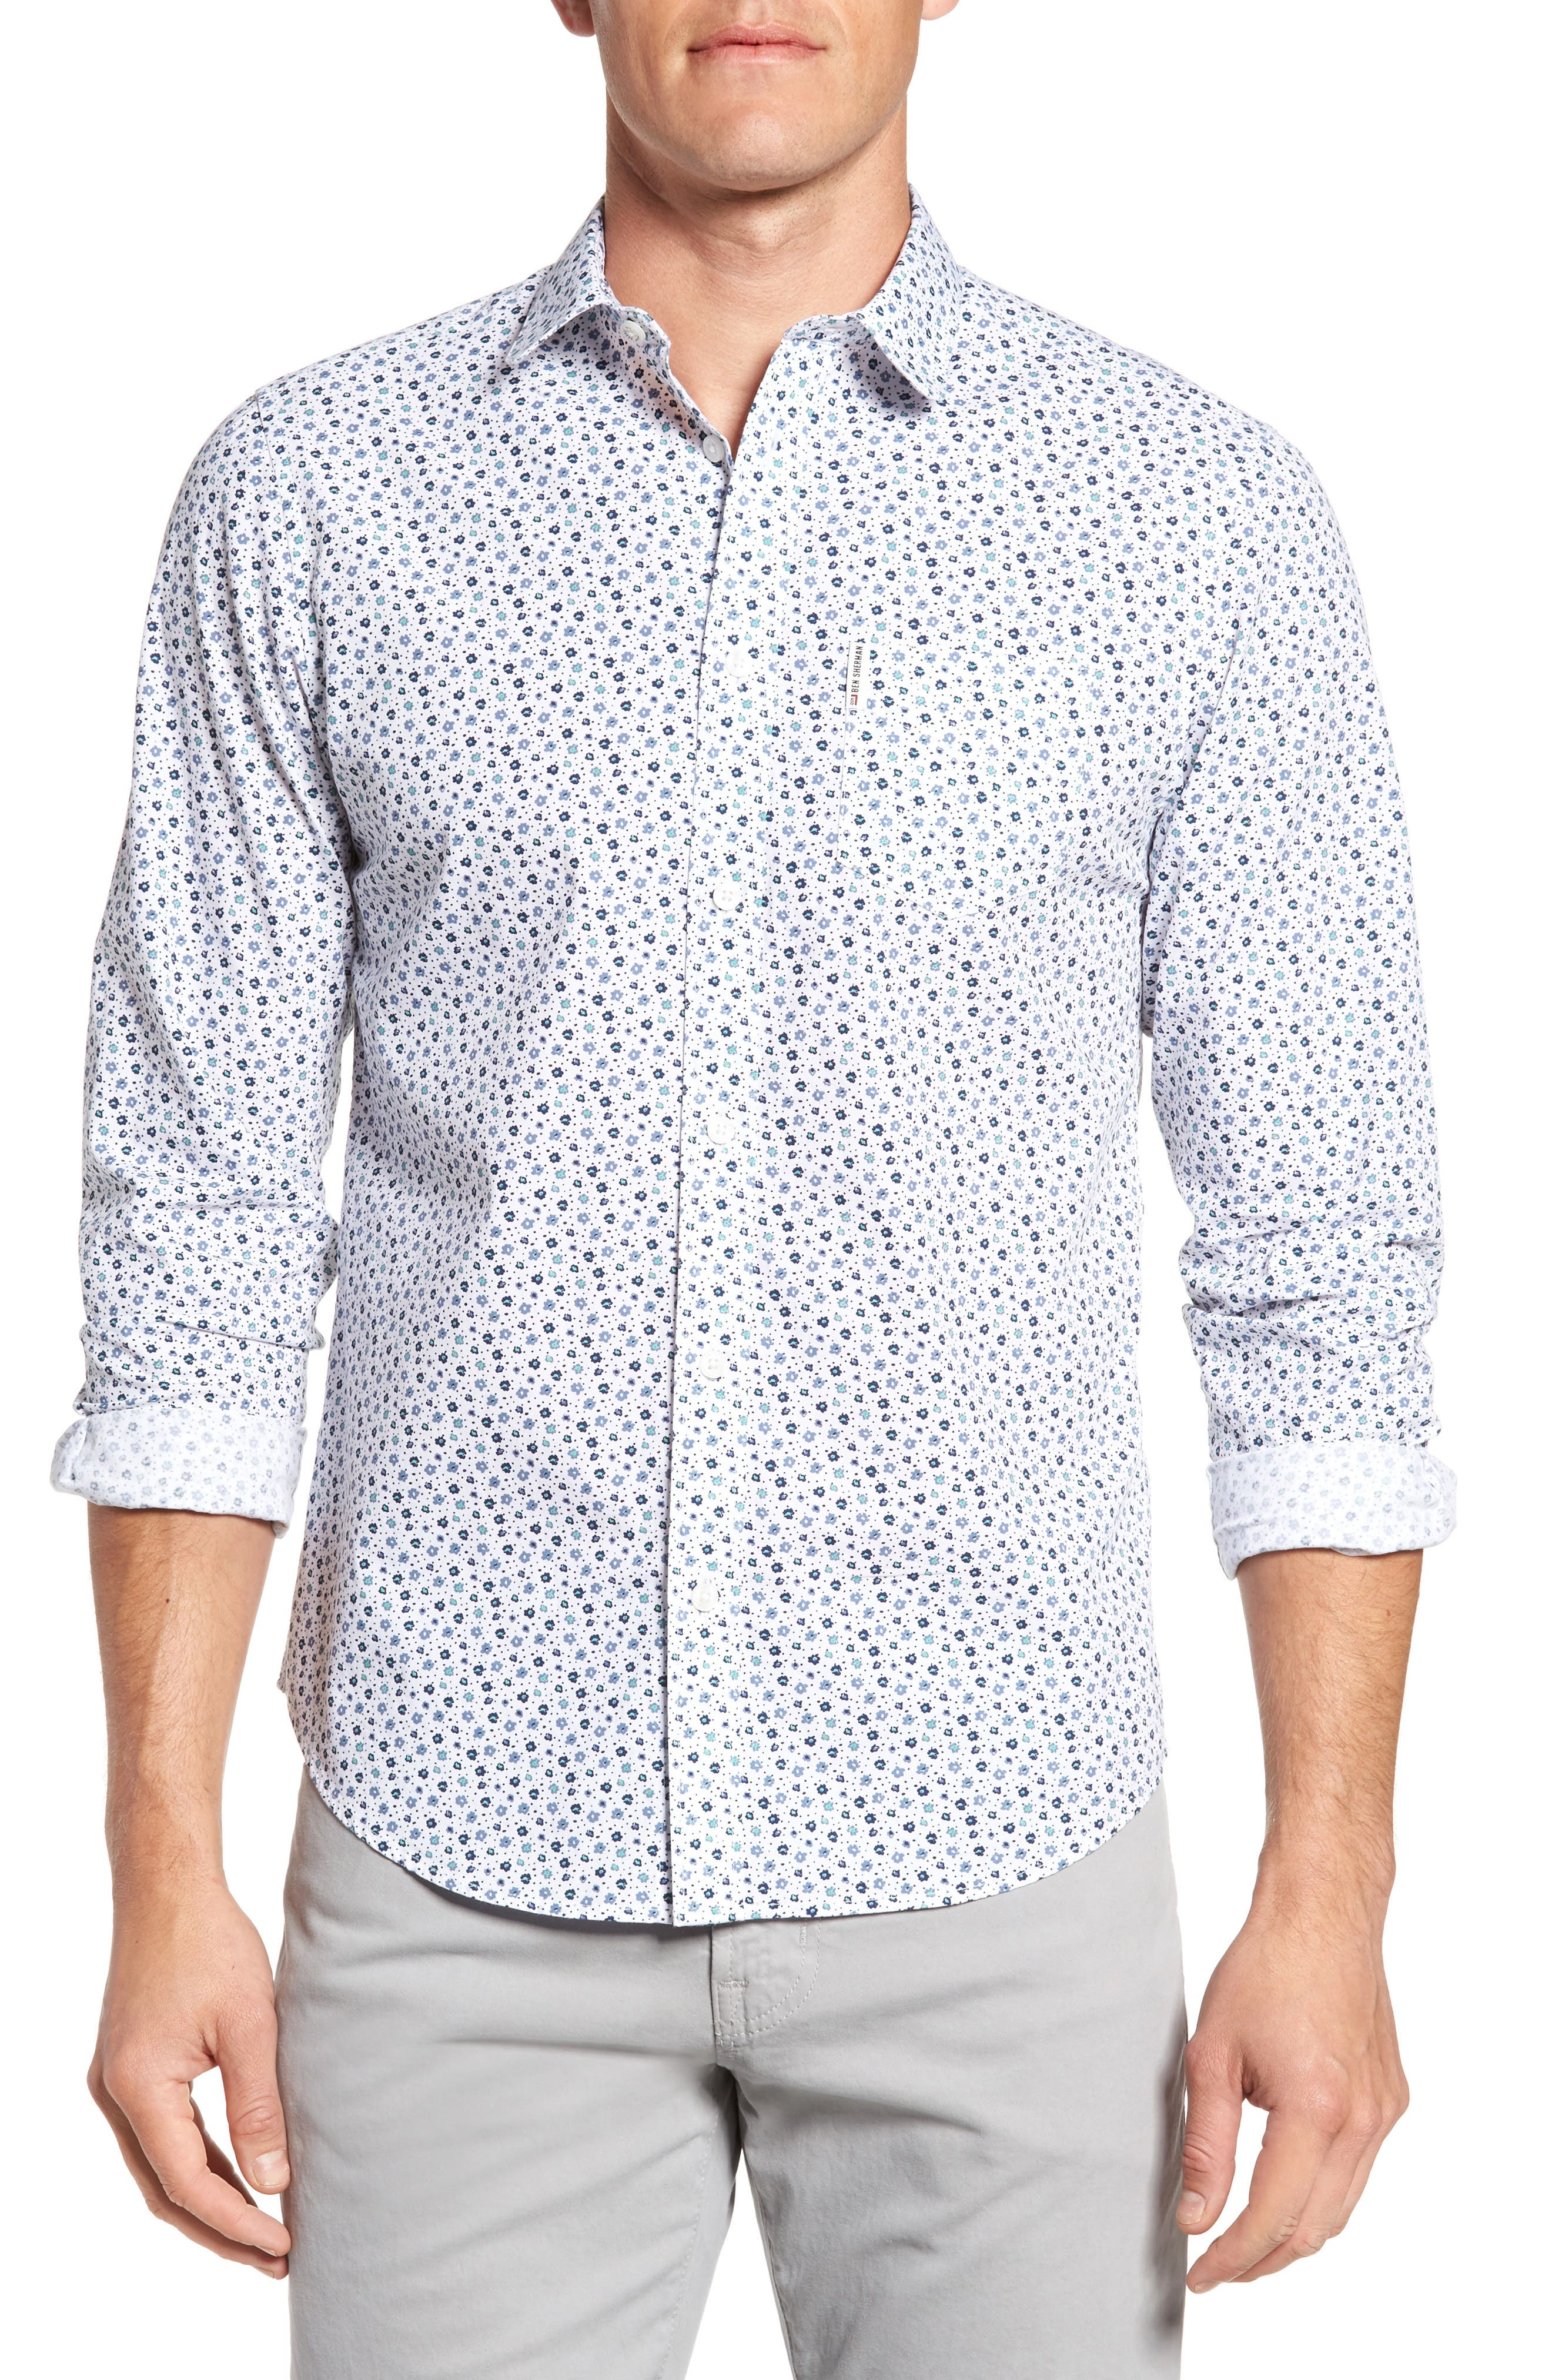 Ben Sherman Floral Print Shirt